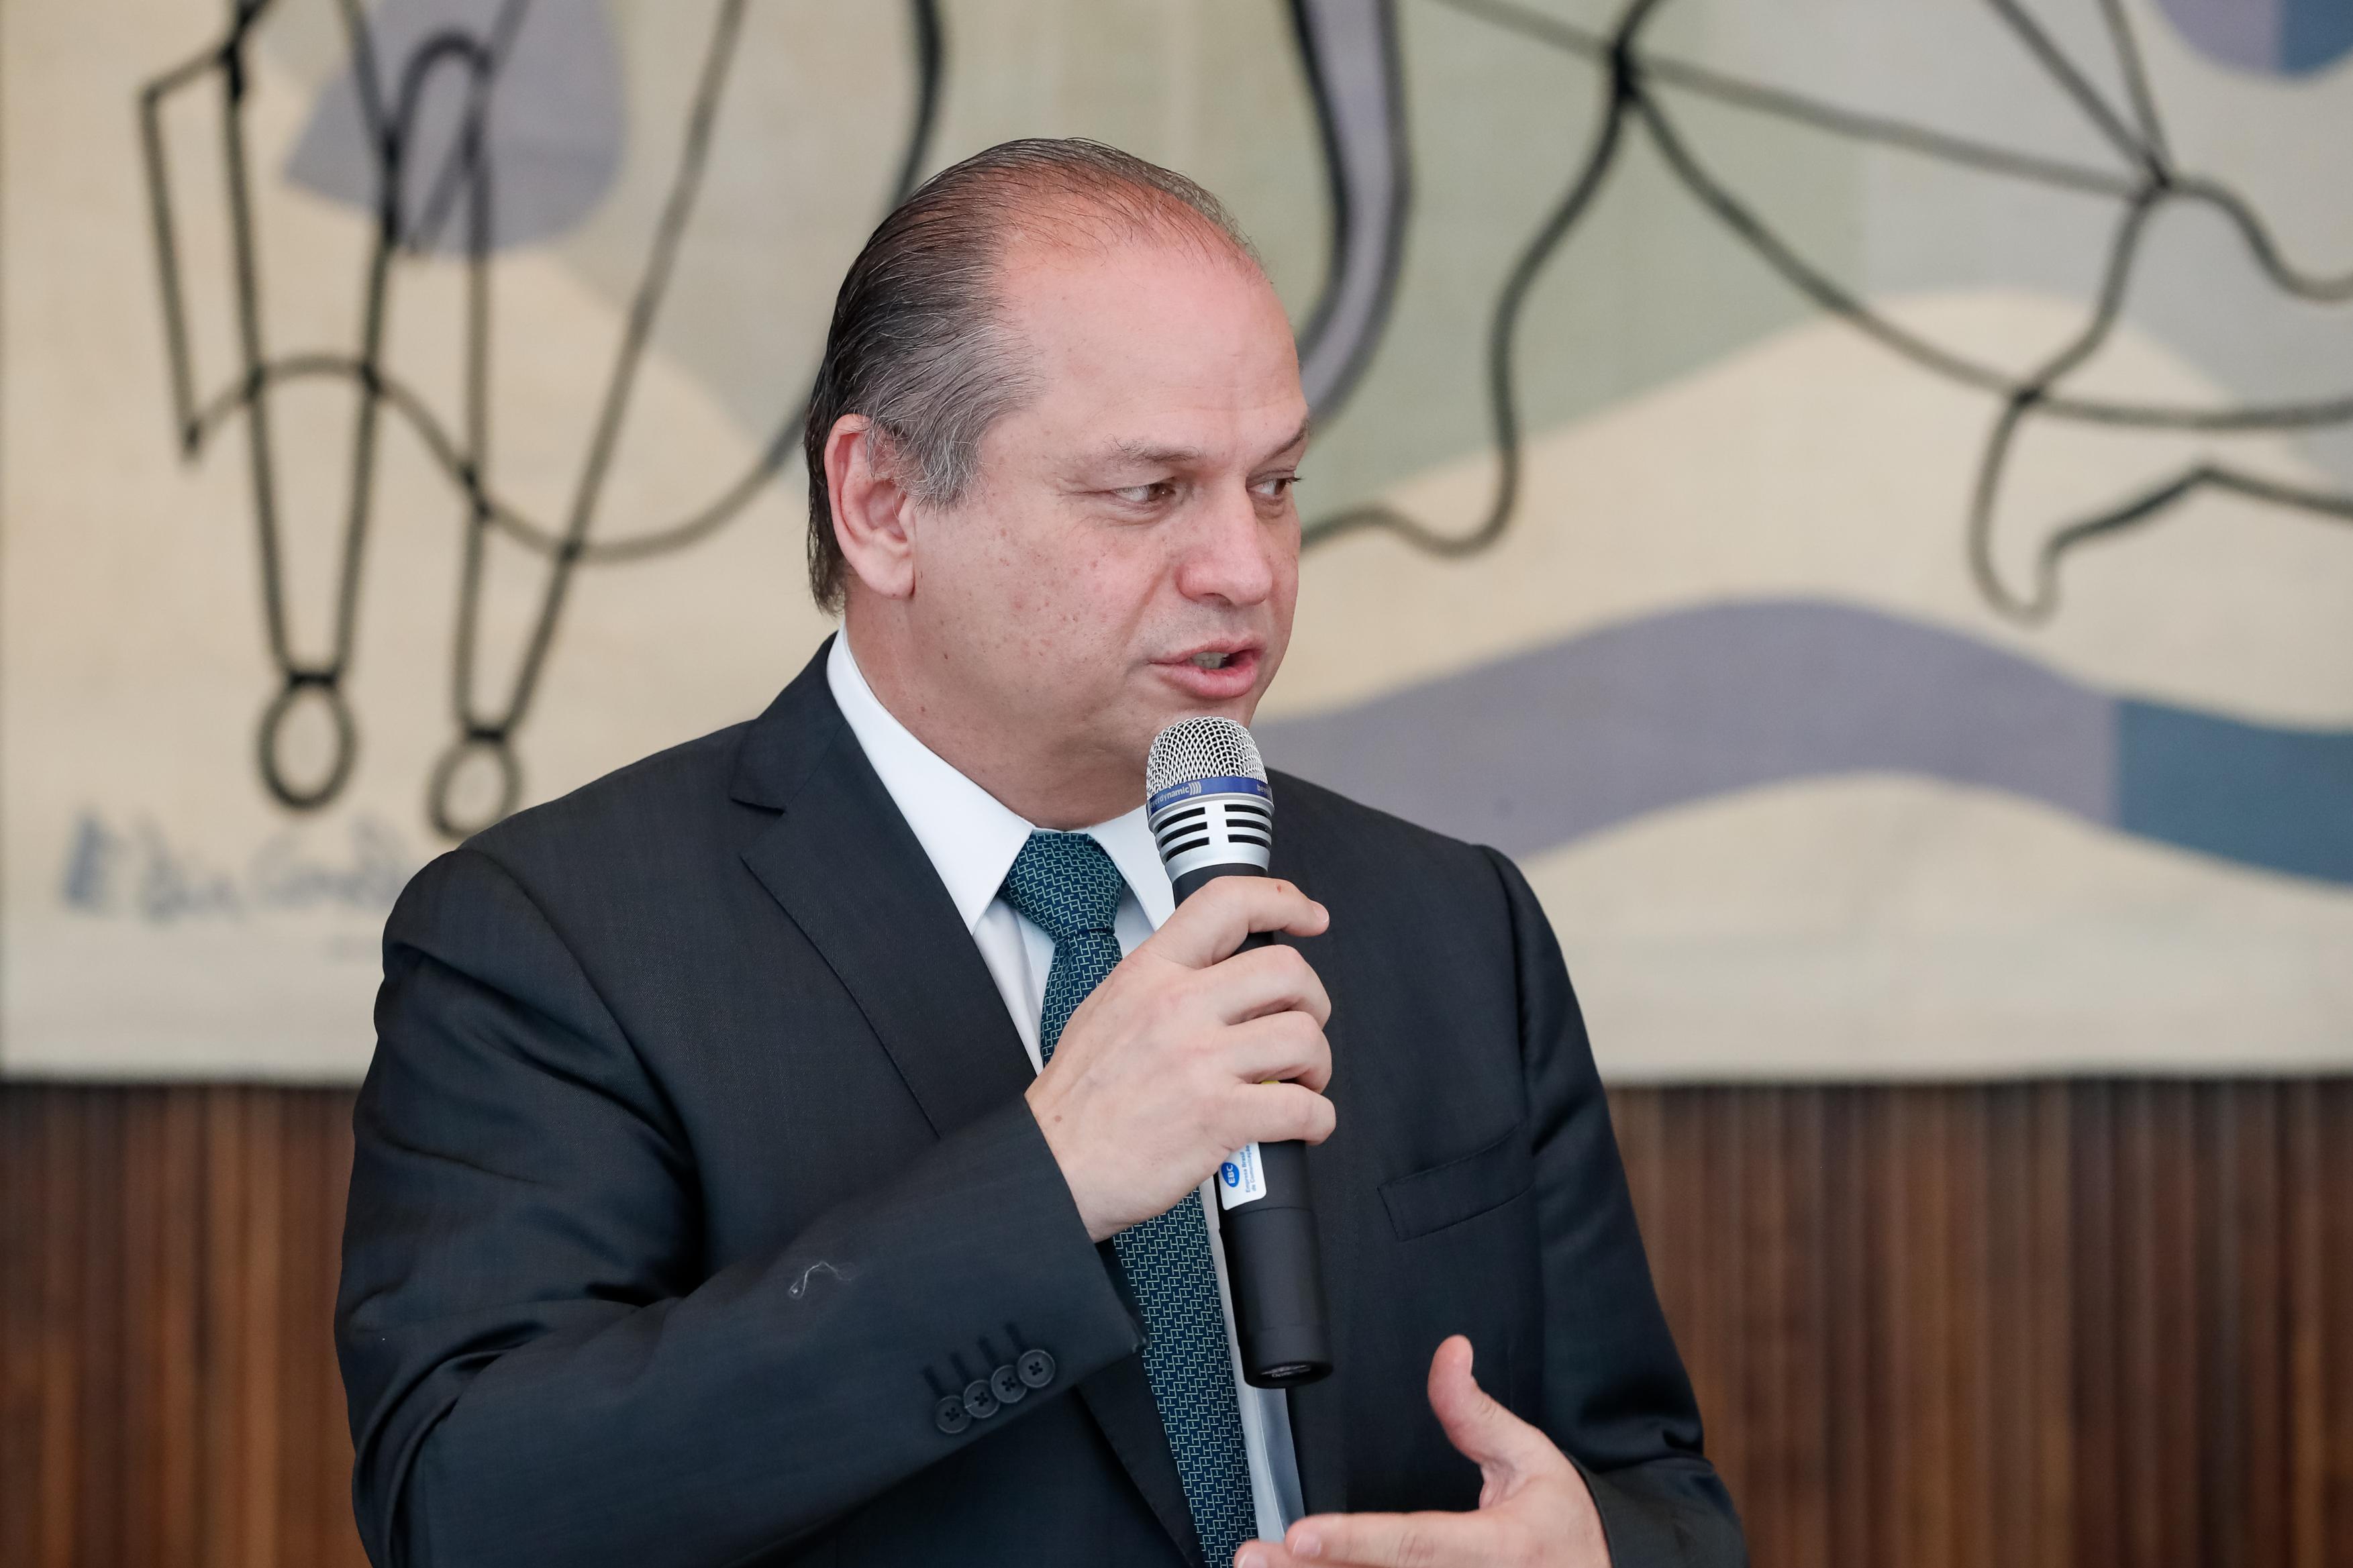 IMAGEM: 'Vai chegar uma hora' em que decisões judiciais não serão cumpridas, diz Ricardo Barros